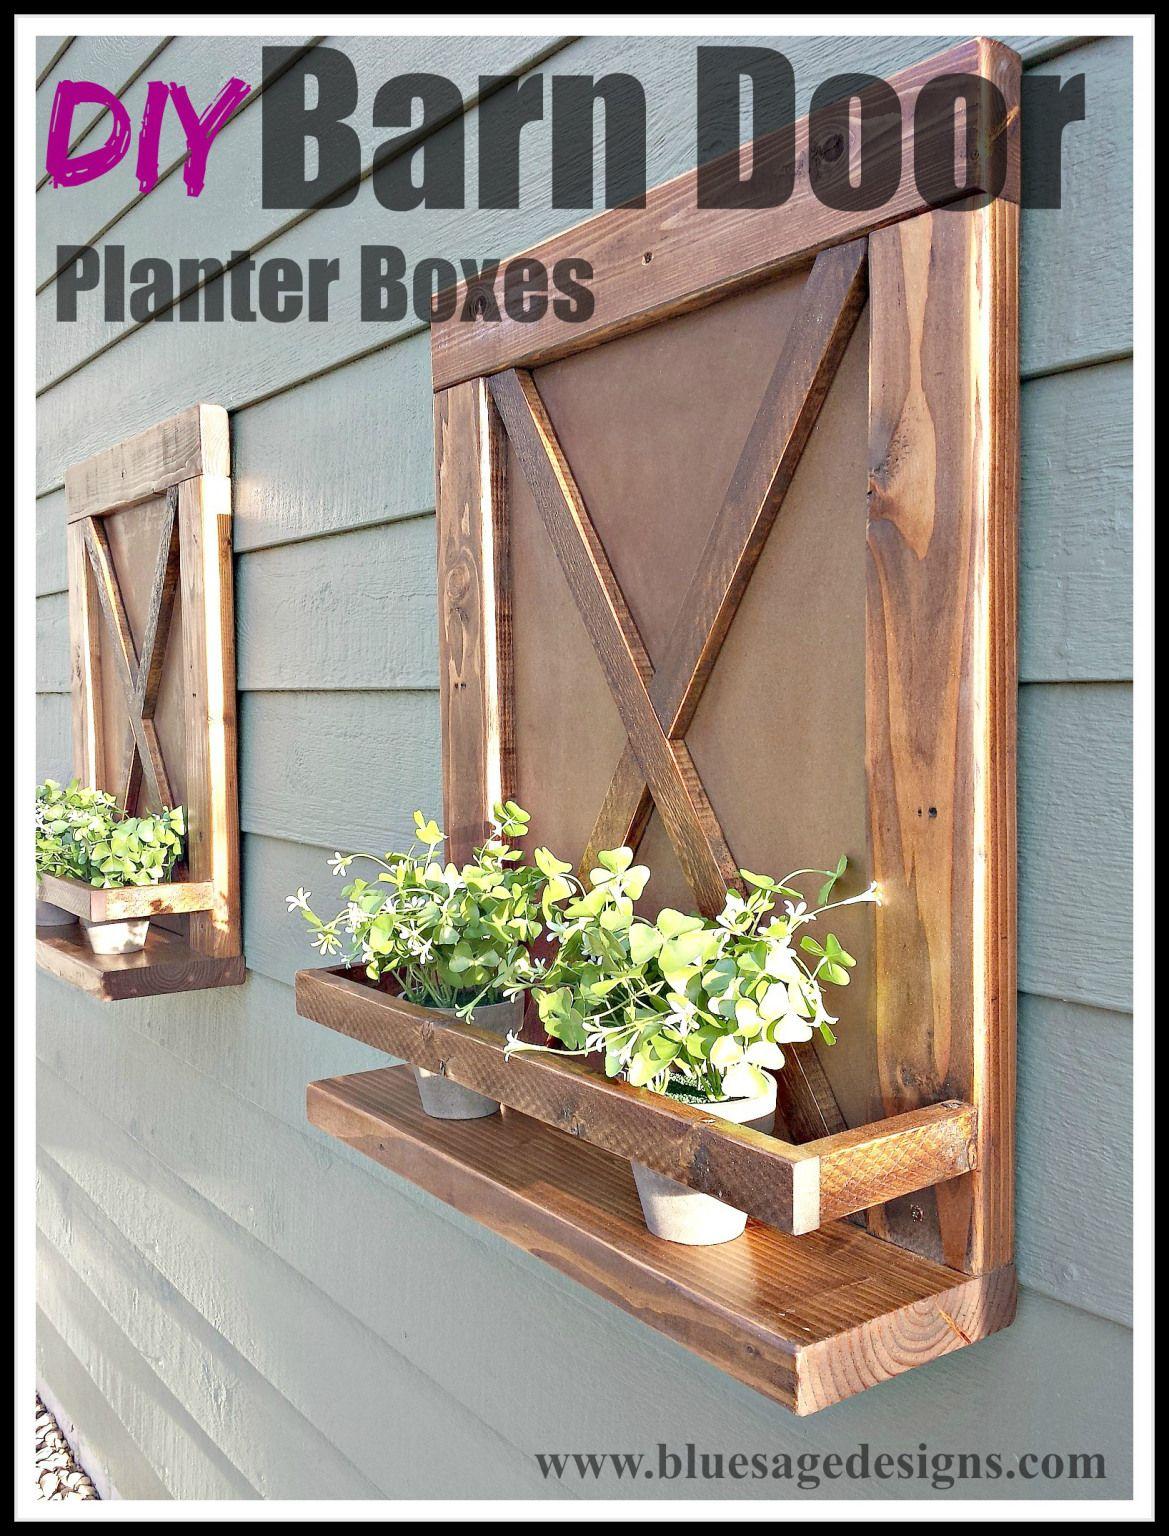 Diy Barn Door Planter Boxes Planter Boxes Planters Diy